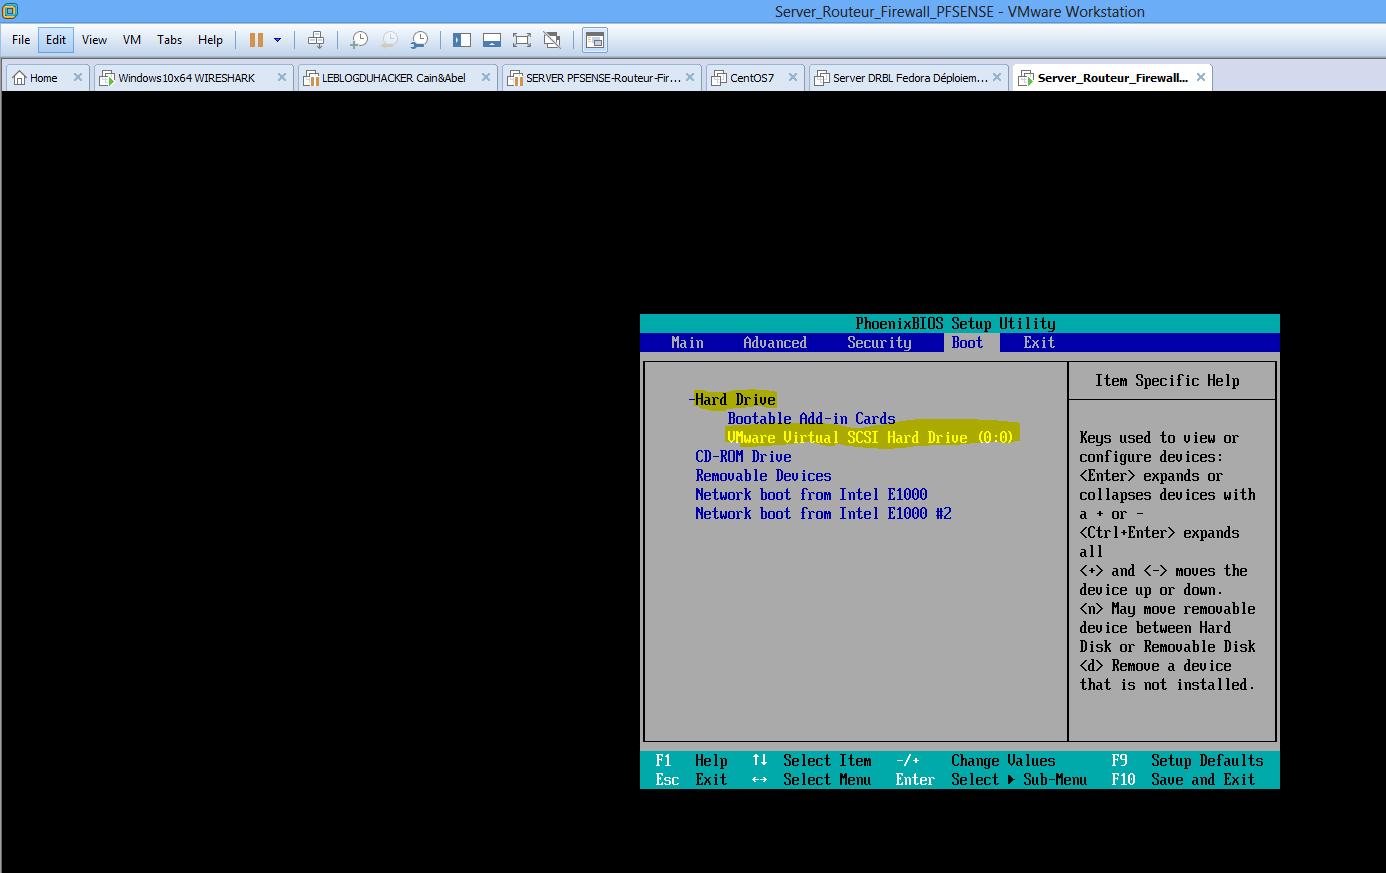 Capture Power On Firmware Bios démarrage Server PFSENSE sur Hard Drive VMWARE